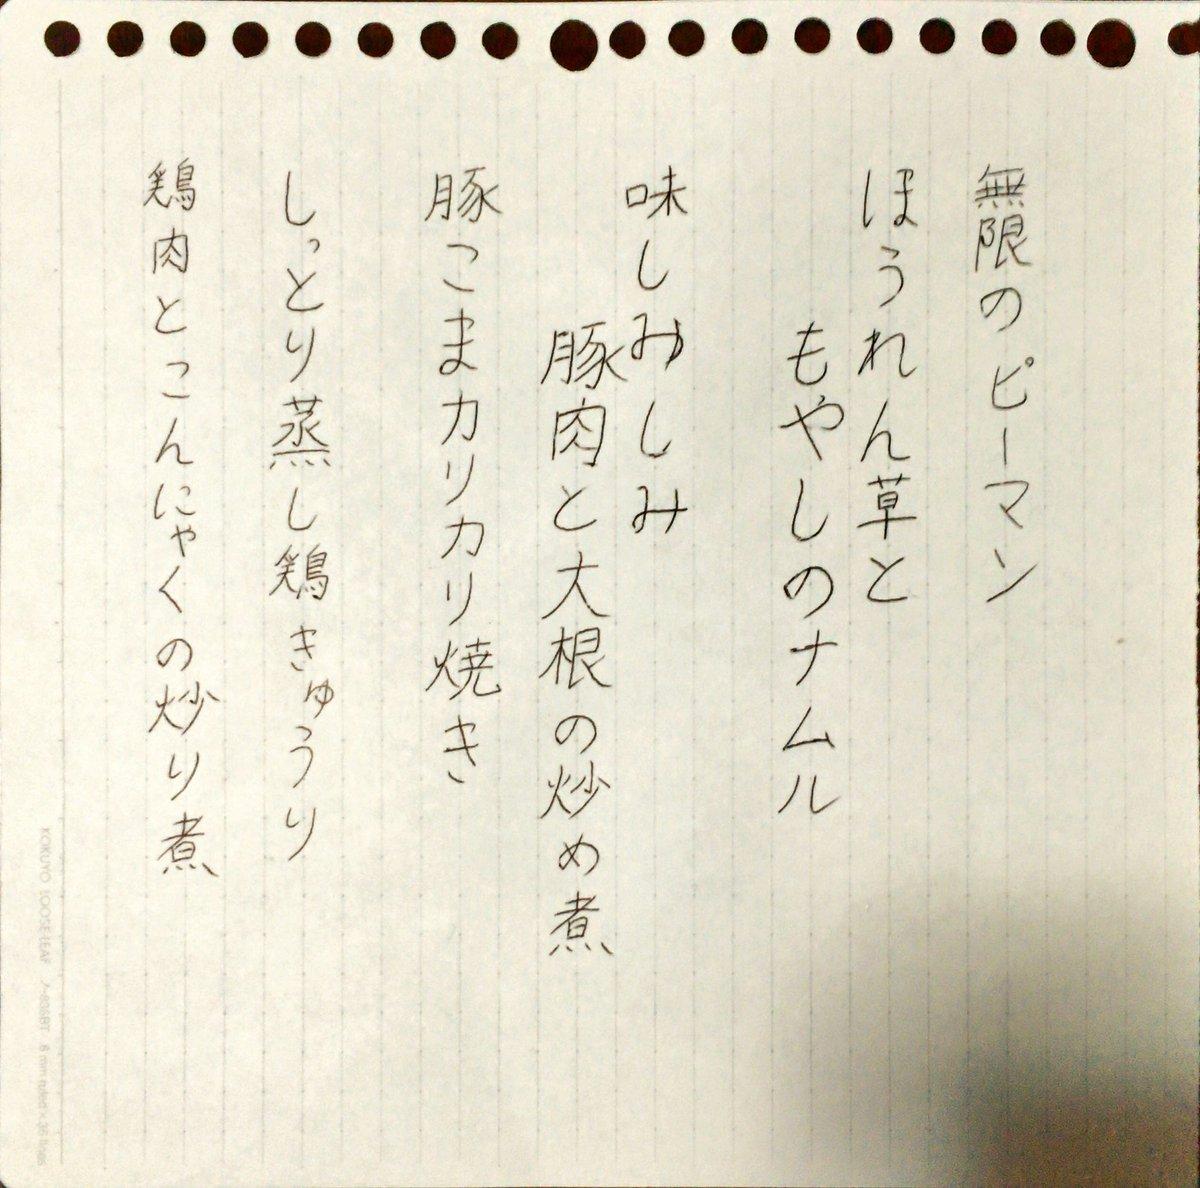 #目指せ美文字 hashtag on Twitter